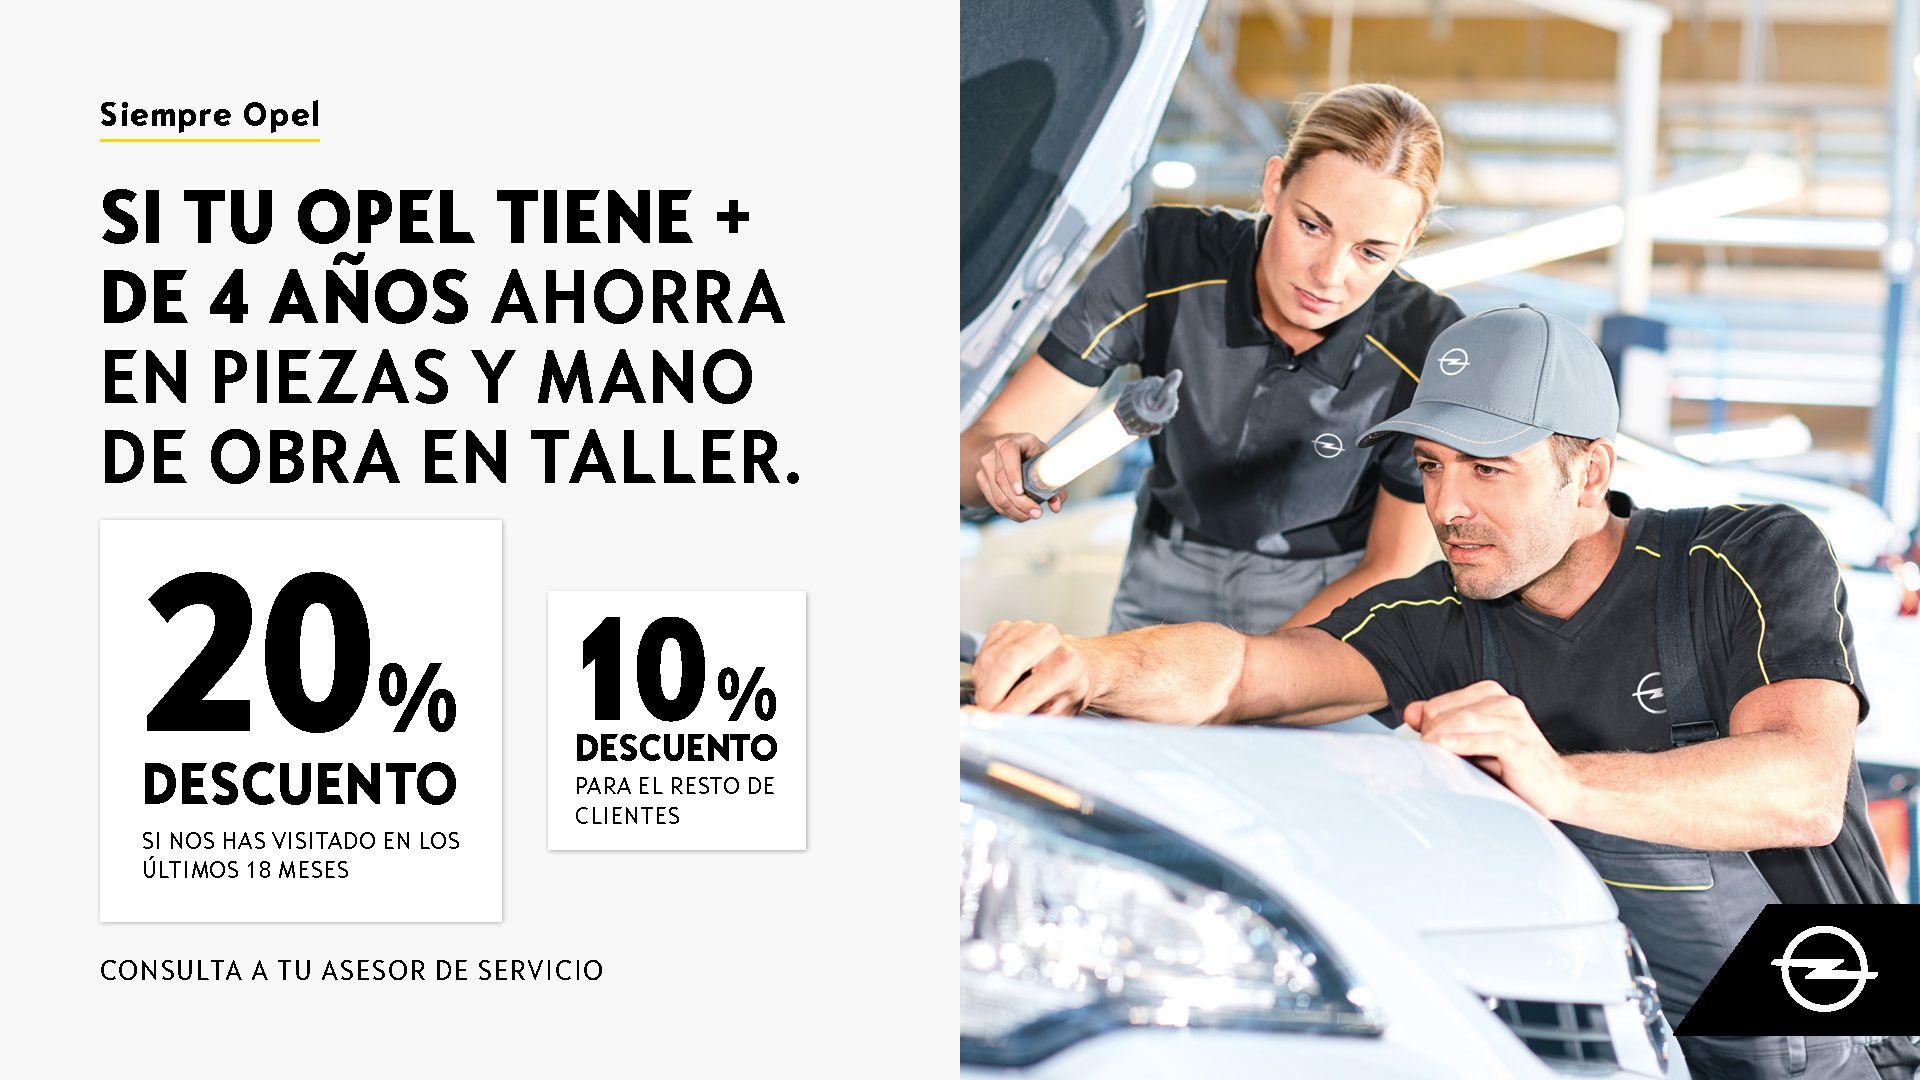 Siempre Opel